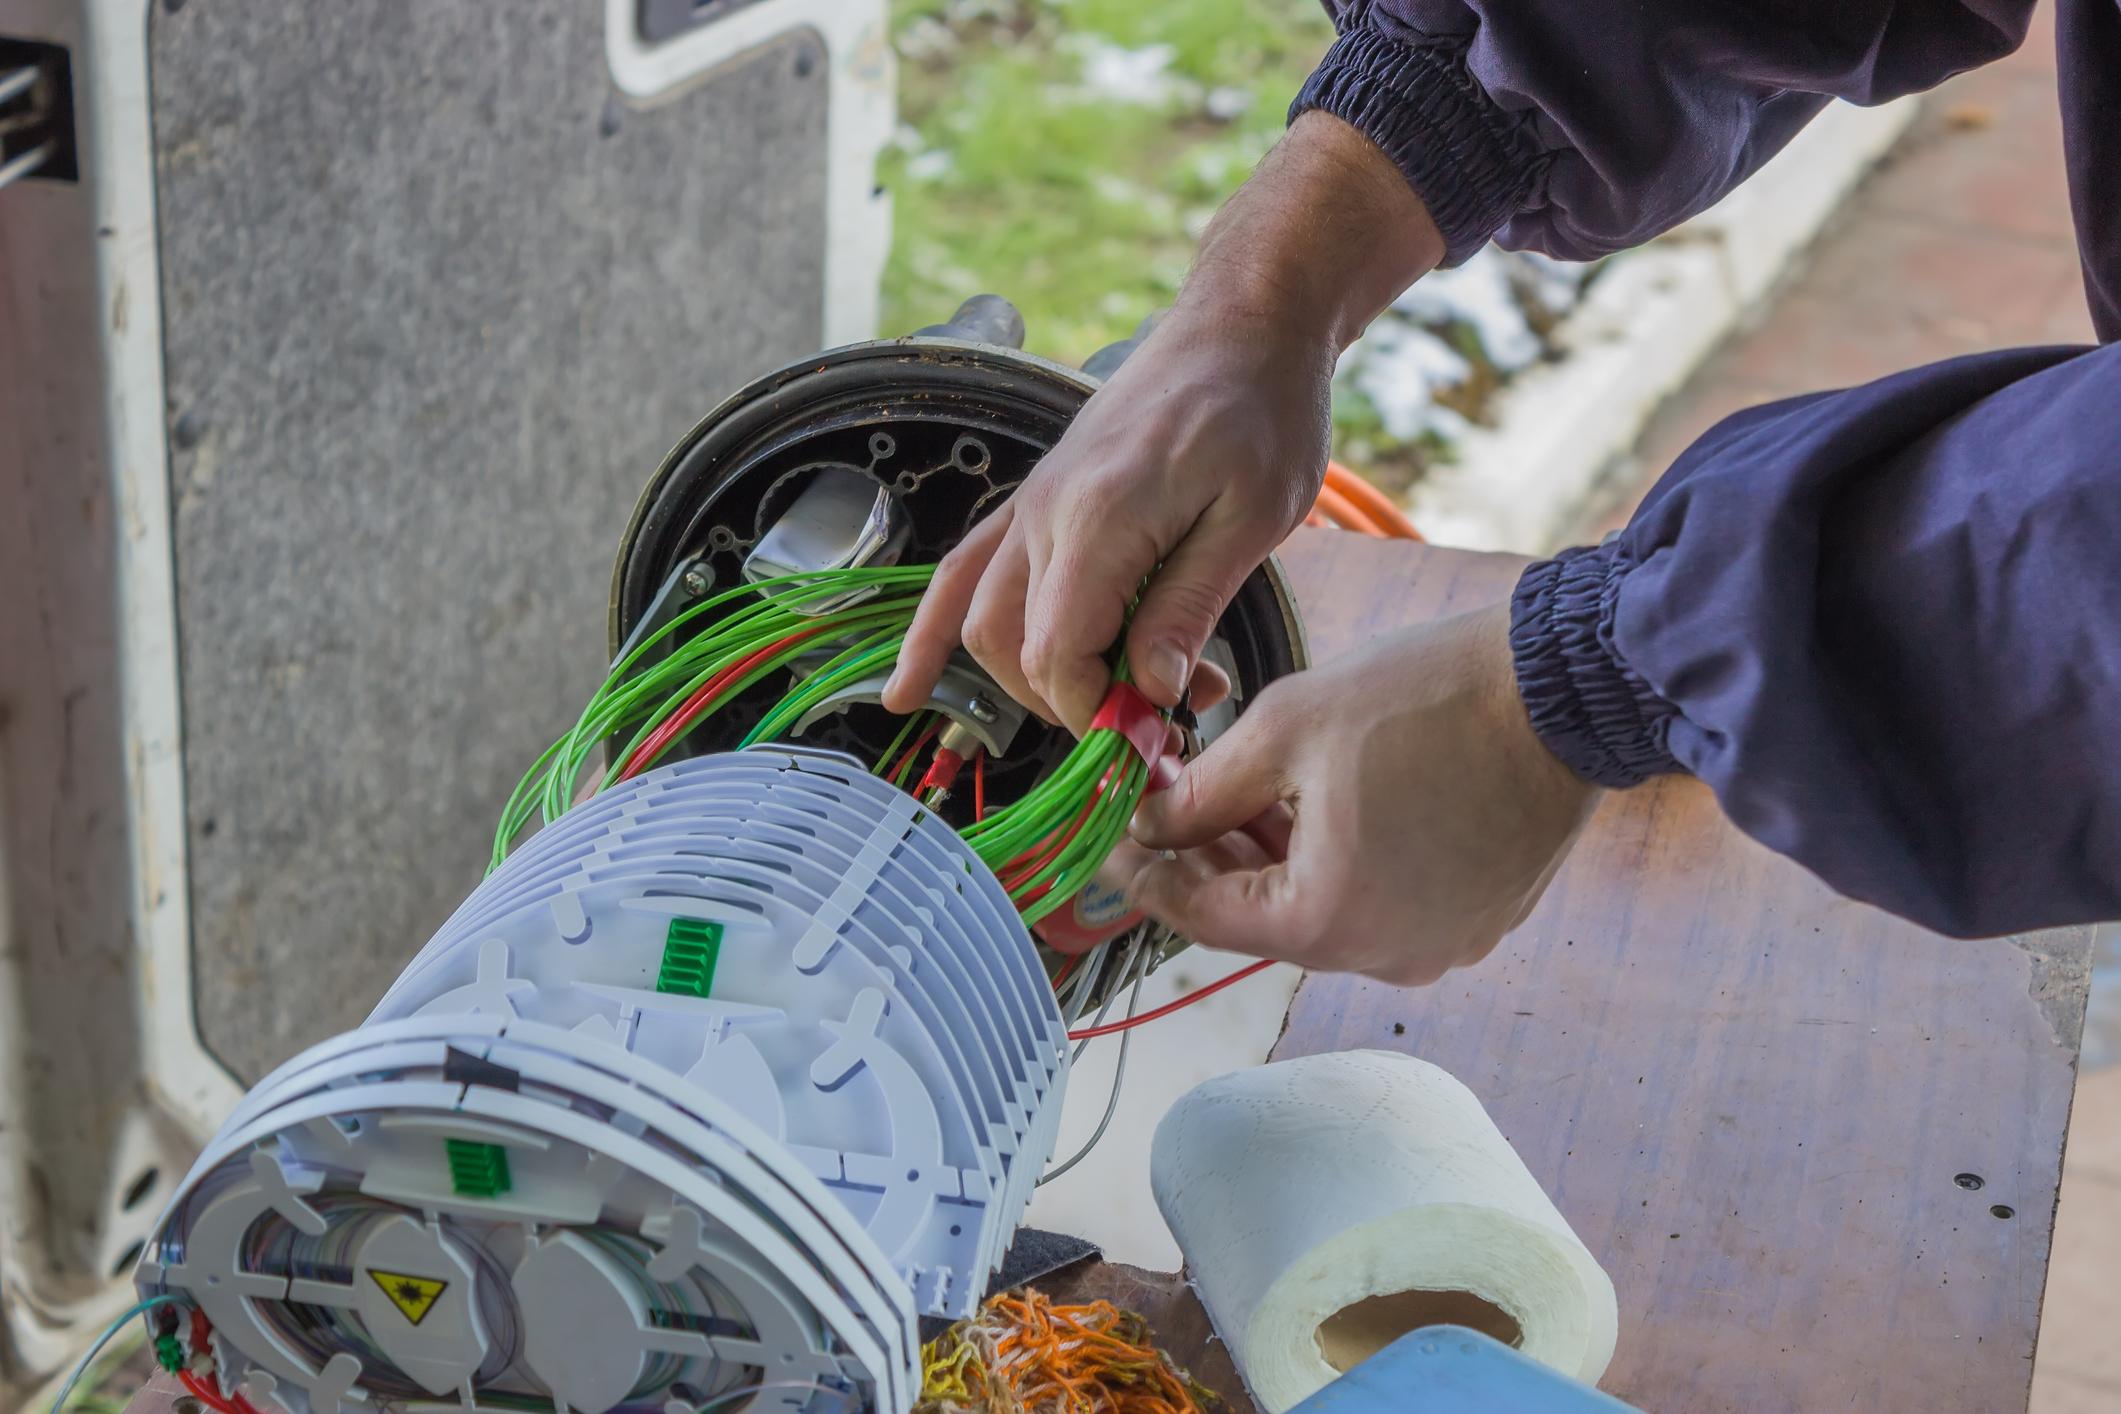 Technician installs fiber-optic cabling.